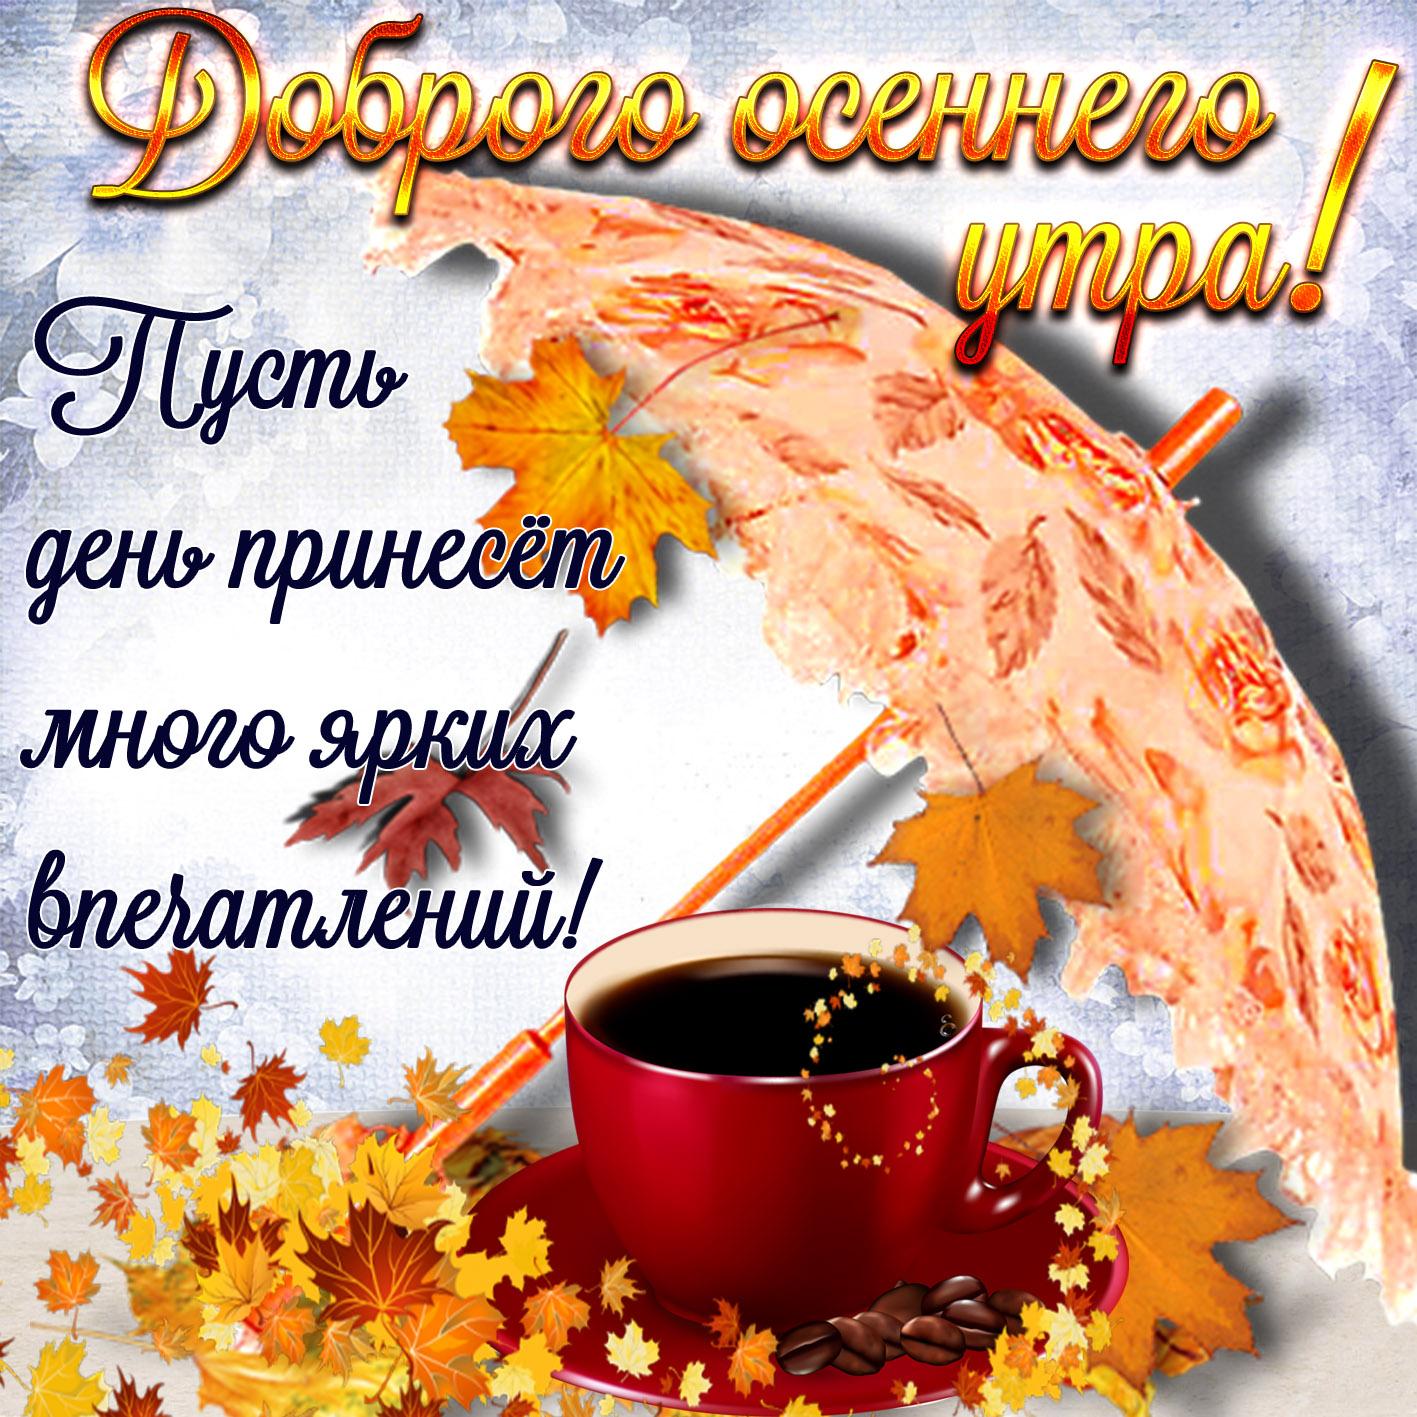 Открытки доброго осеннего утра и хорошего настроения на весь день, учителю